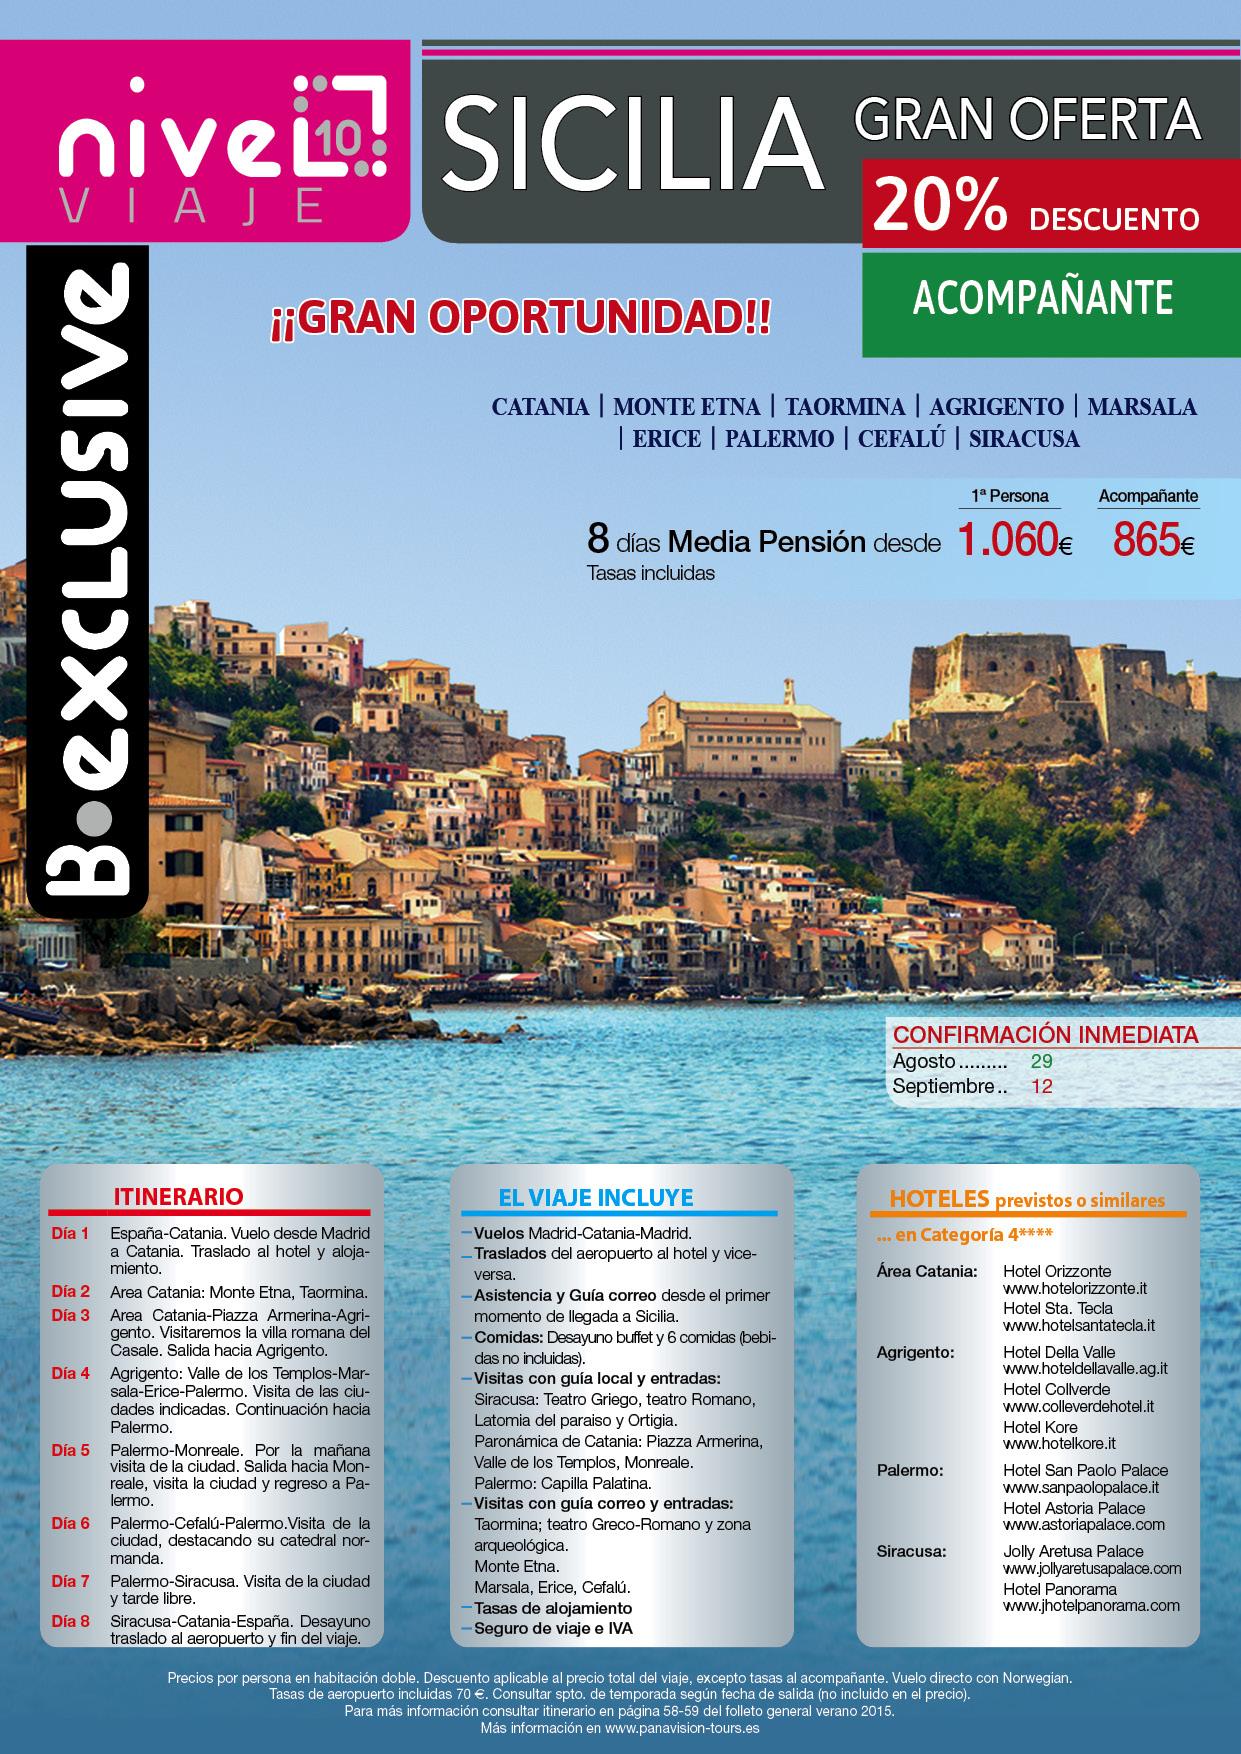 Oferta Sicilia con grandes descuentos